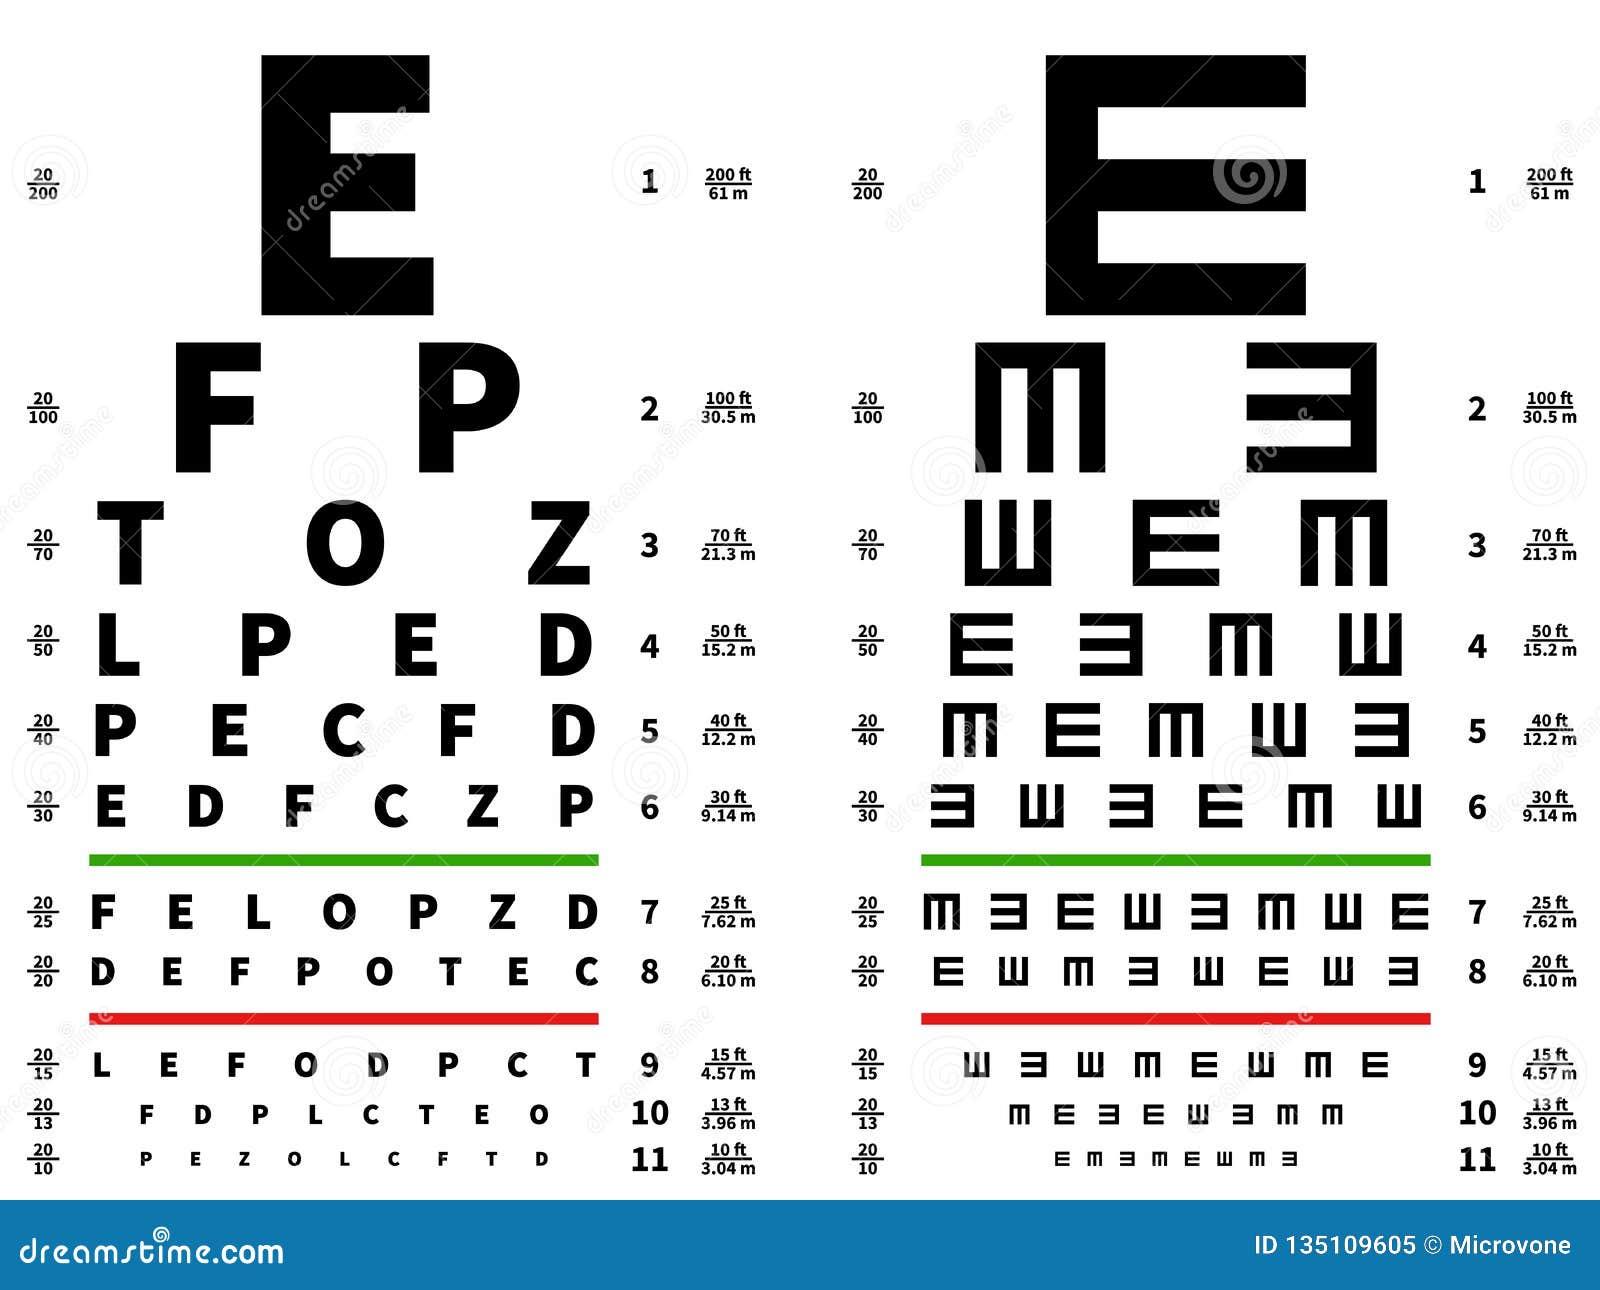 διάγραμμα δοκιμής ματιών Πίνακας δοκιμής οράματος, οφθαλμικά όργανα μέτρησης θεαμάτων επίσης corel σύρετε το διάνυσμα απεικόνισης